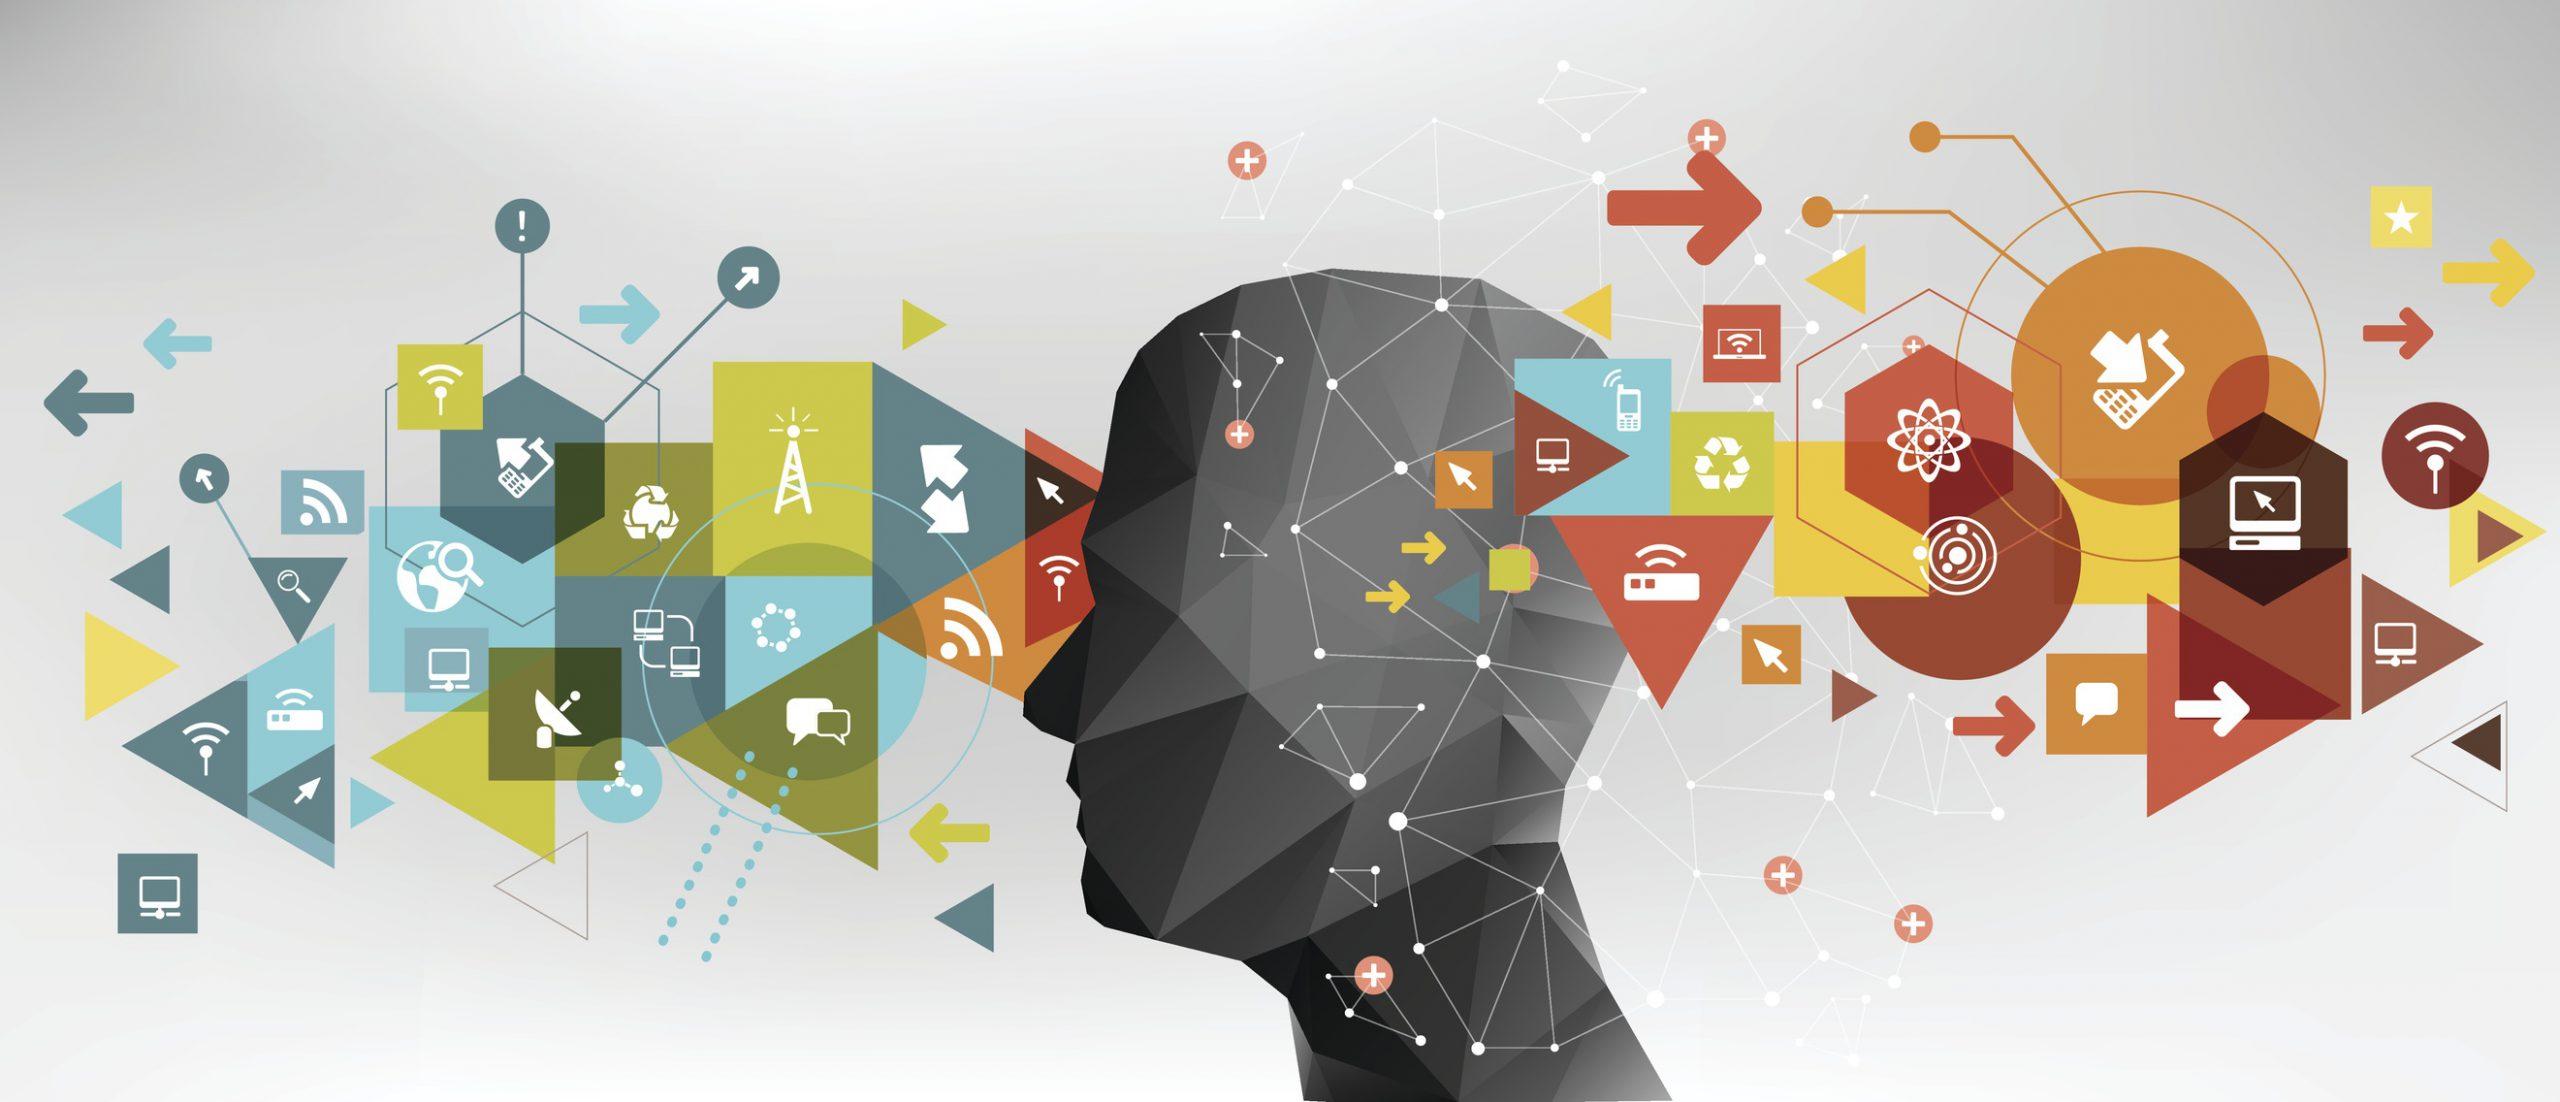 روابط عمومی و ارتباطات بازاریابی